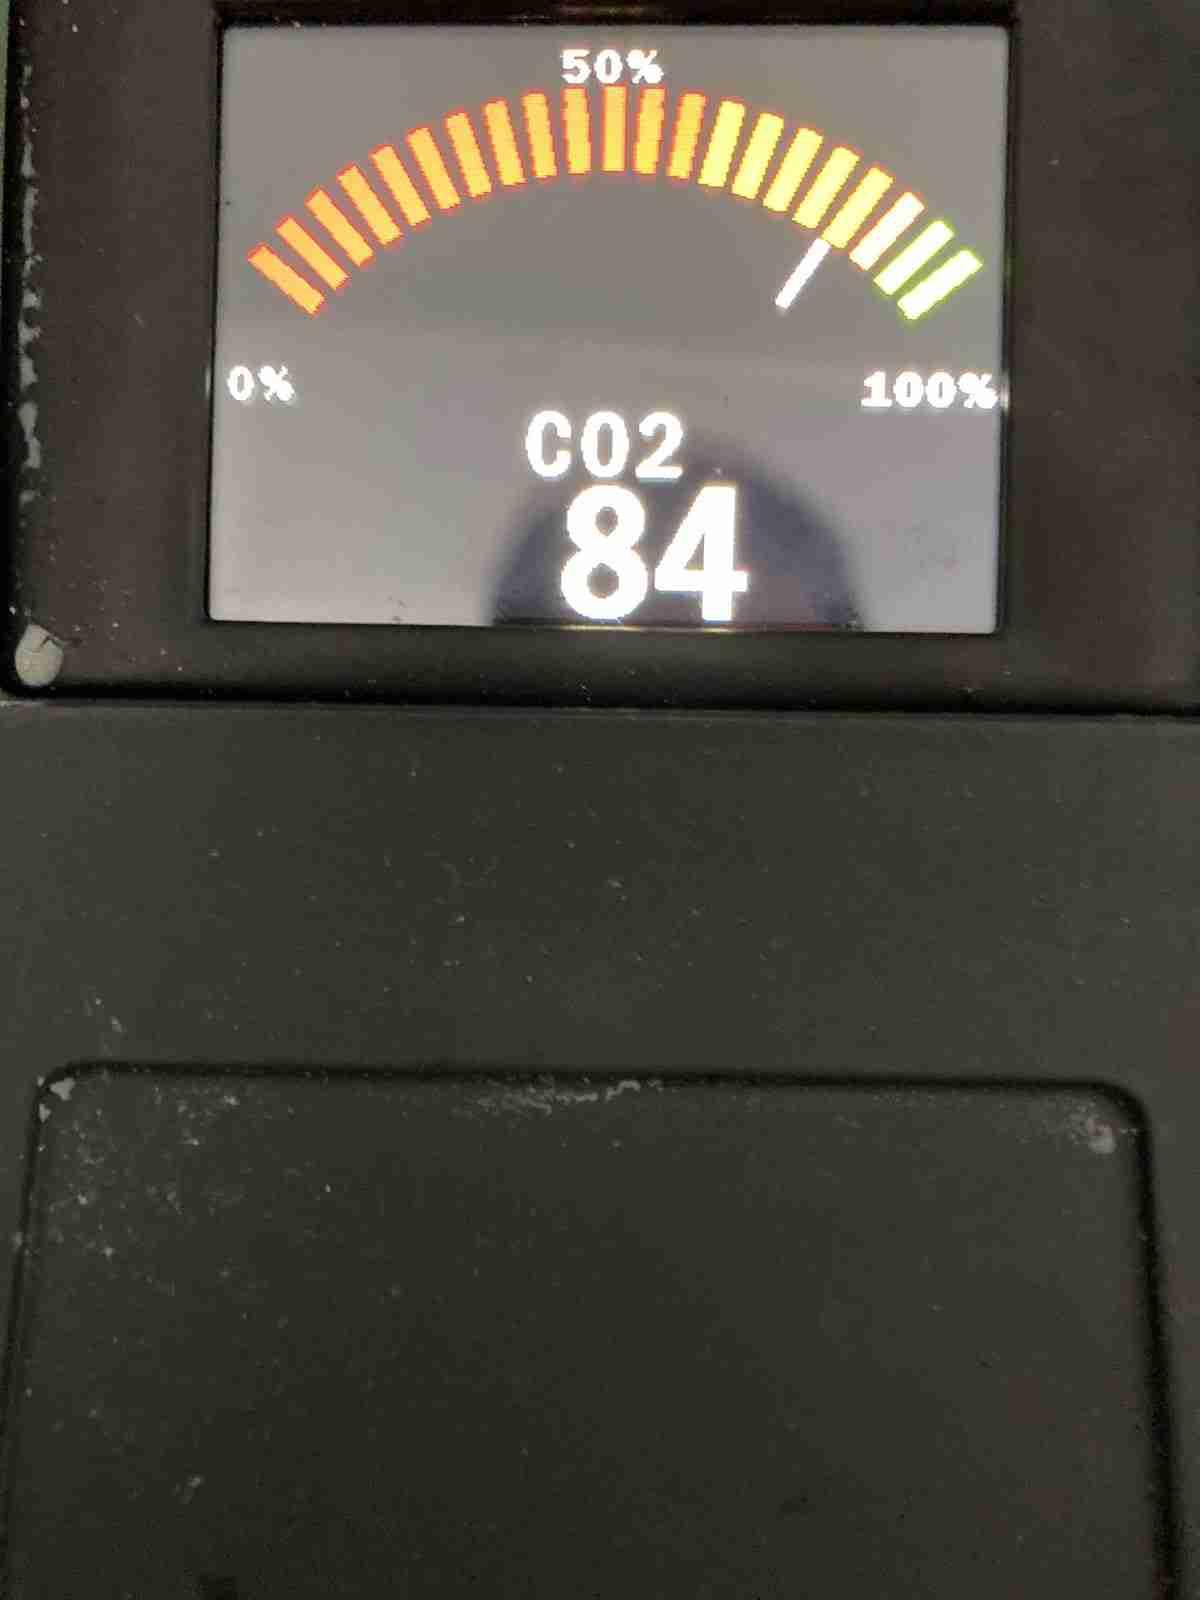 si immette anidride carbonica fino a saturazione